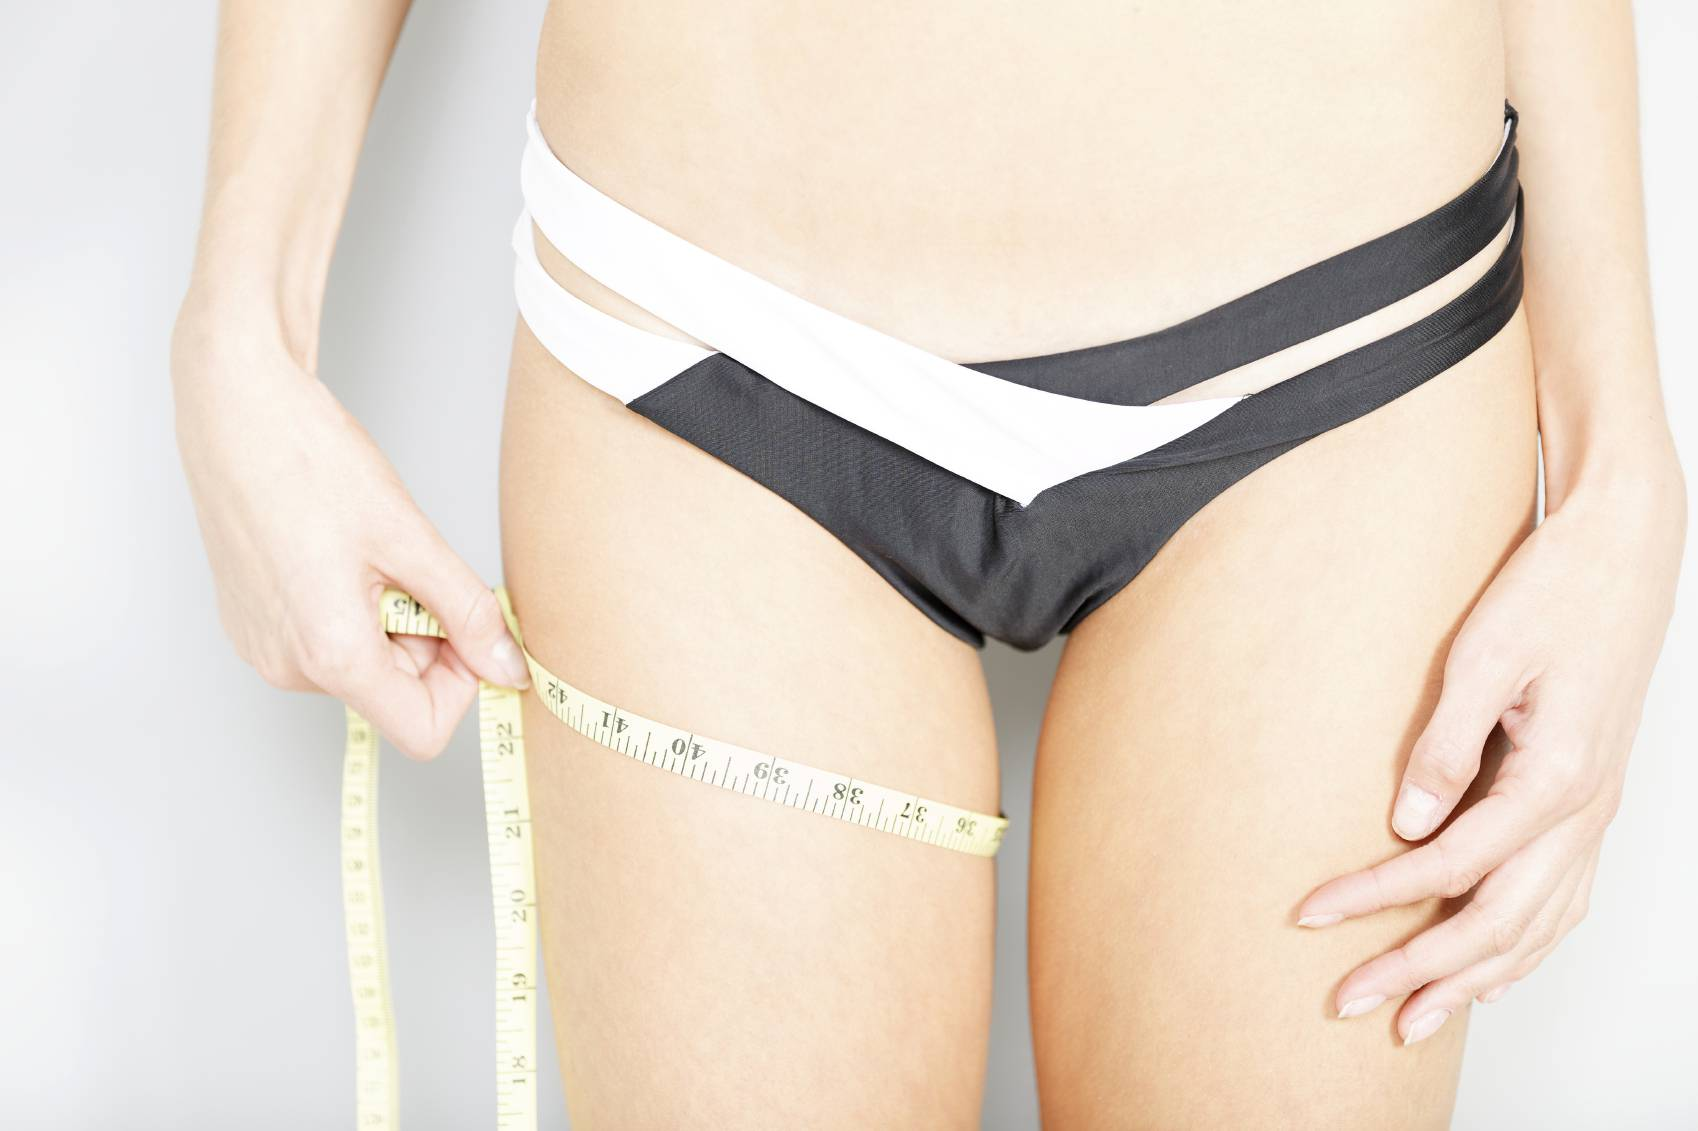 come ridurre il grasso interno della coscia in una settimanat